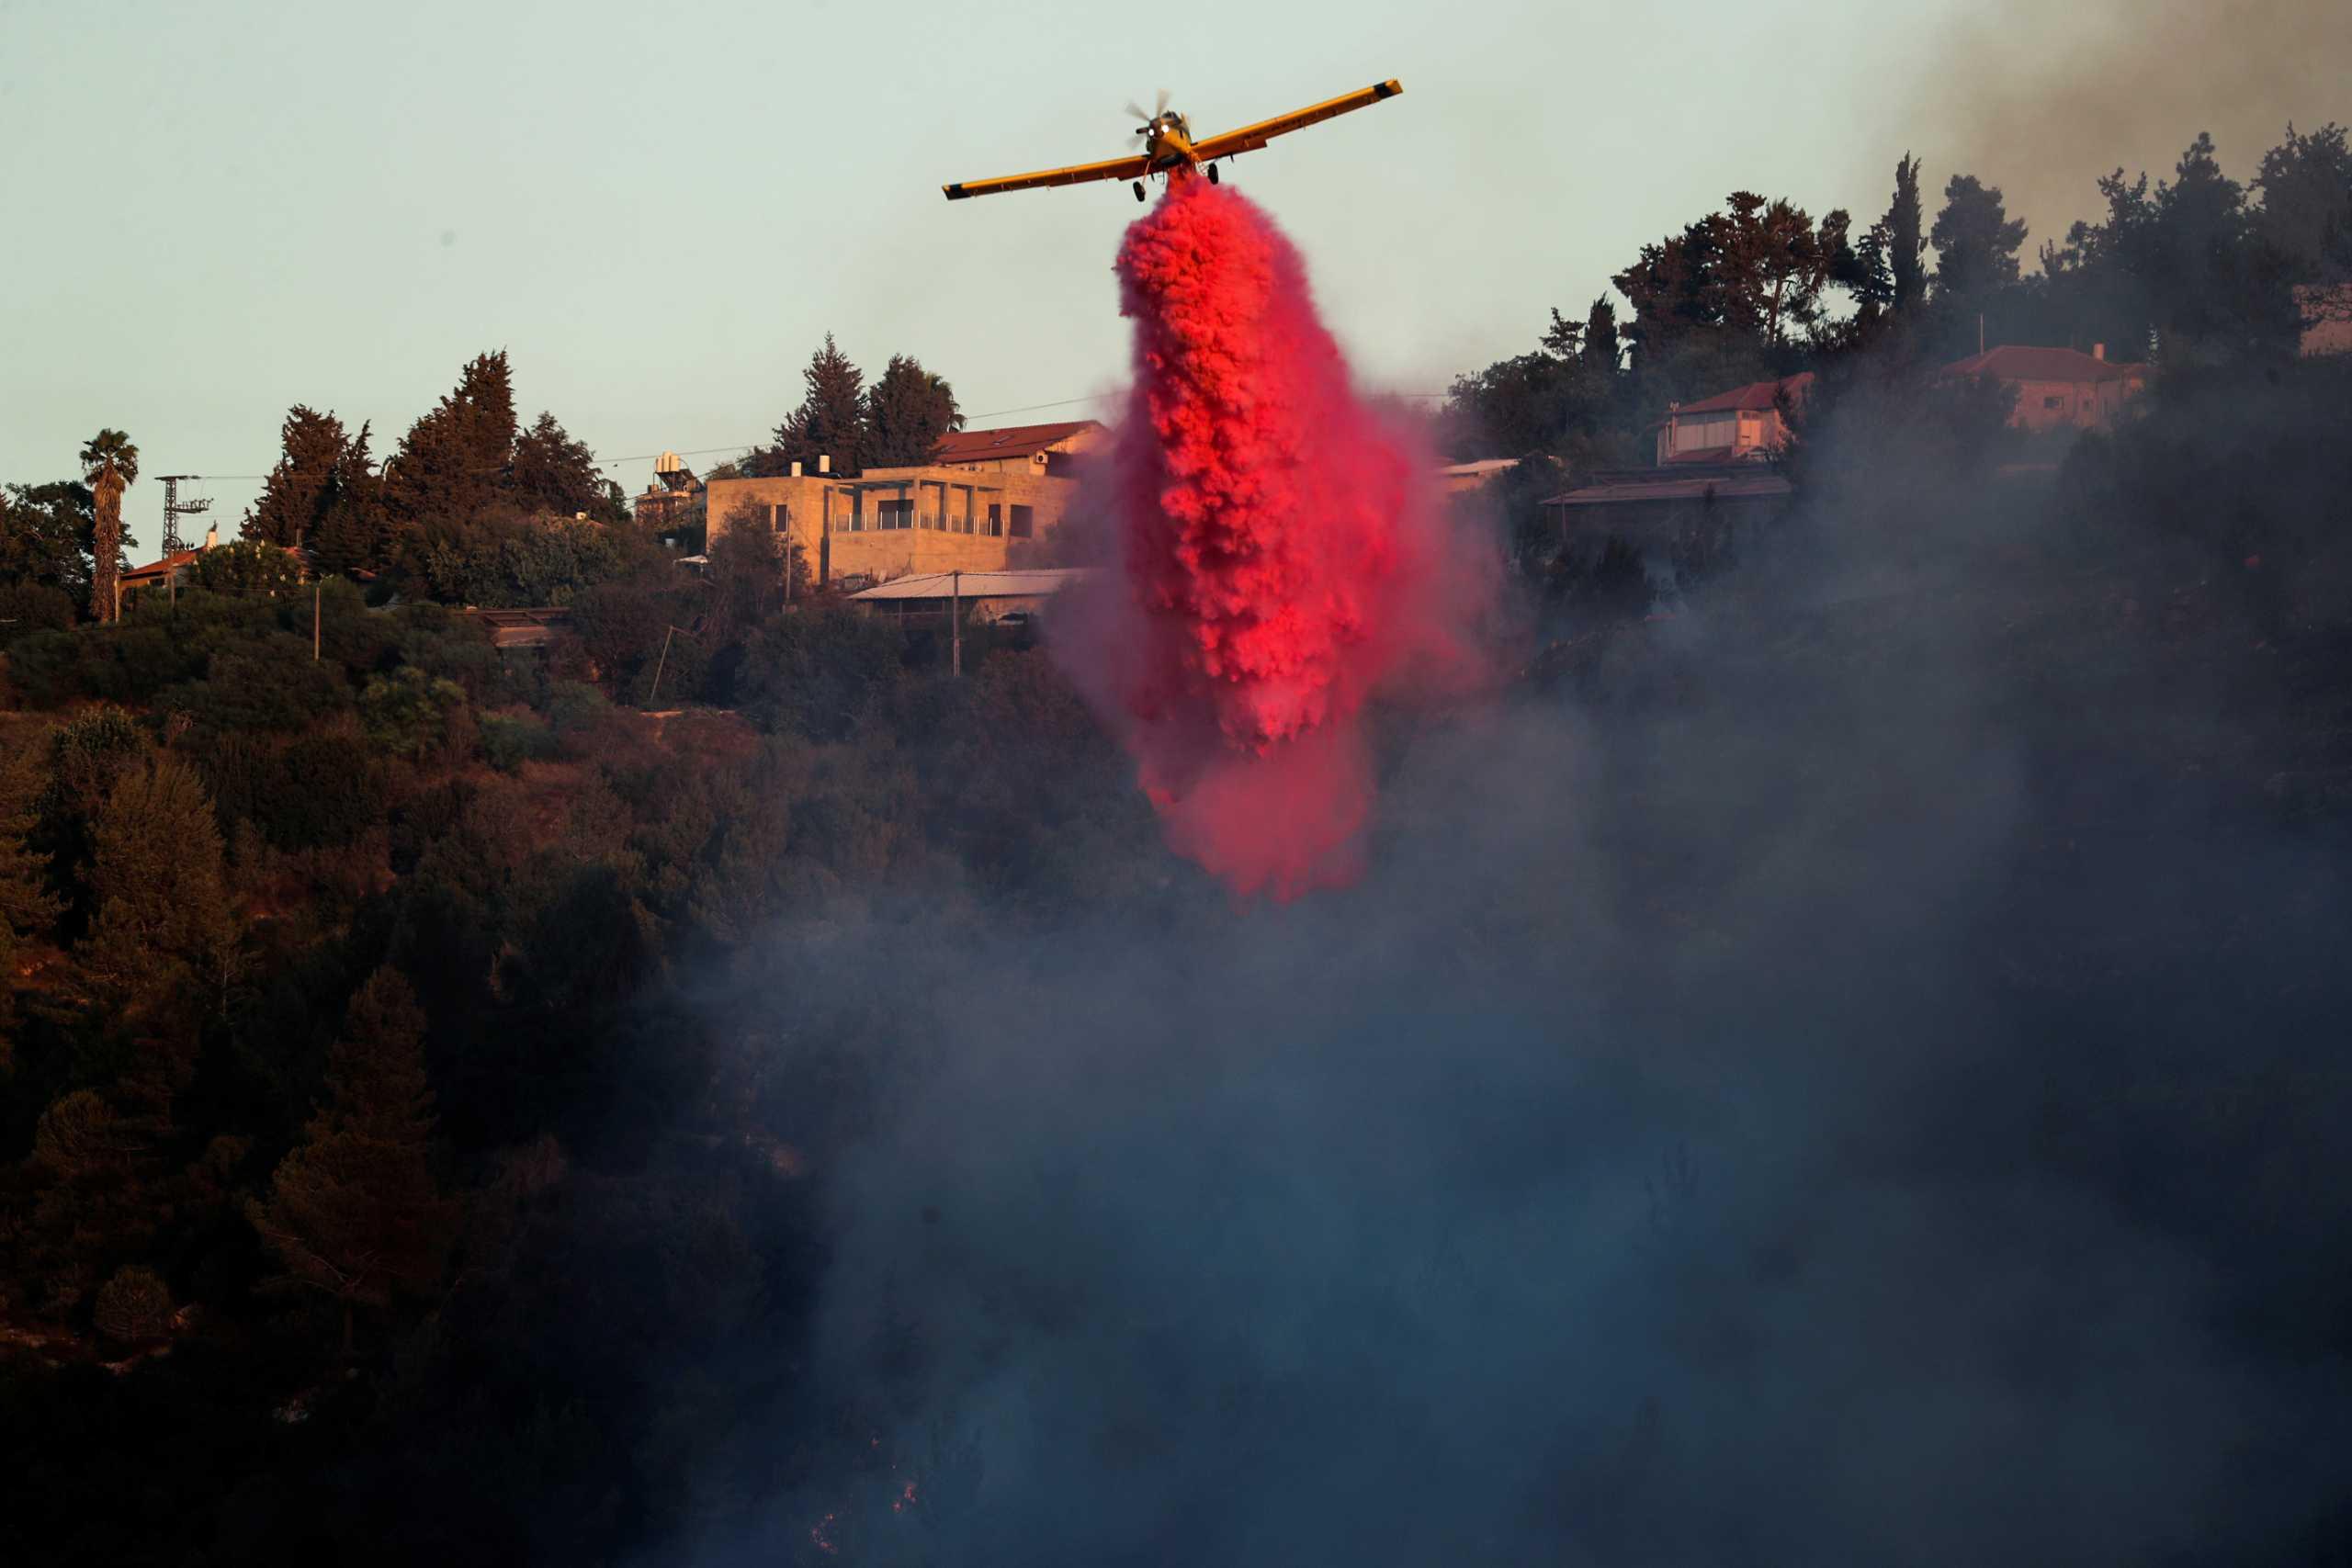 Πυροσβέστες εκκενώνουν πόλεις έξω από την Ιερουσαλήμ λόγω της μεγάλης φωτιάς